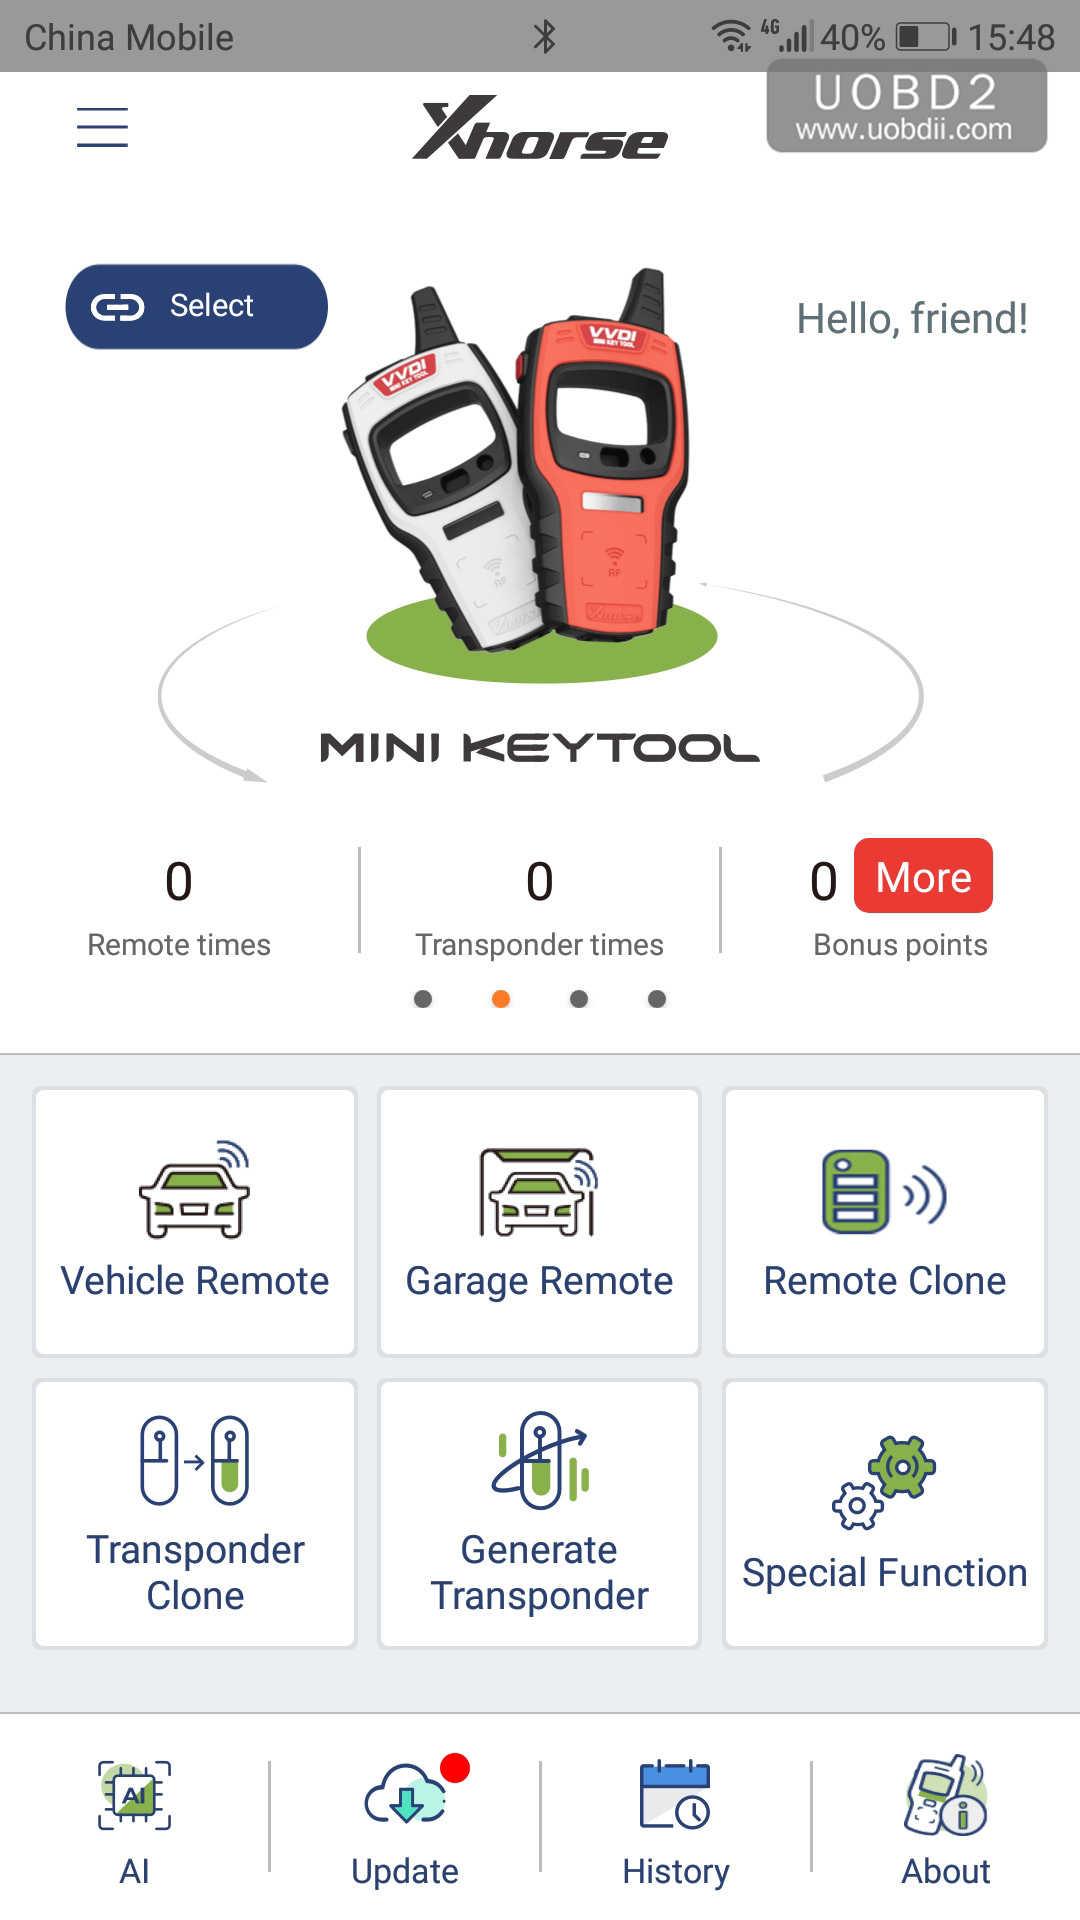 vvdi-mini-key-tool-manual-10